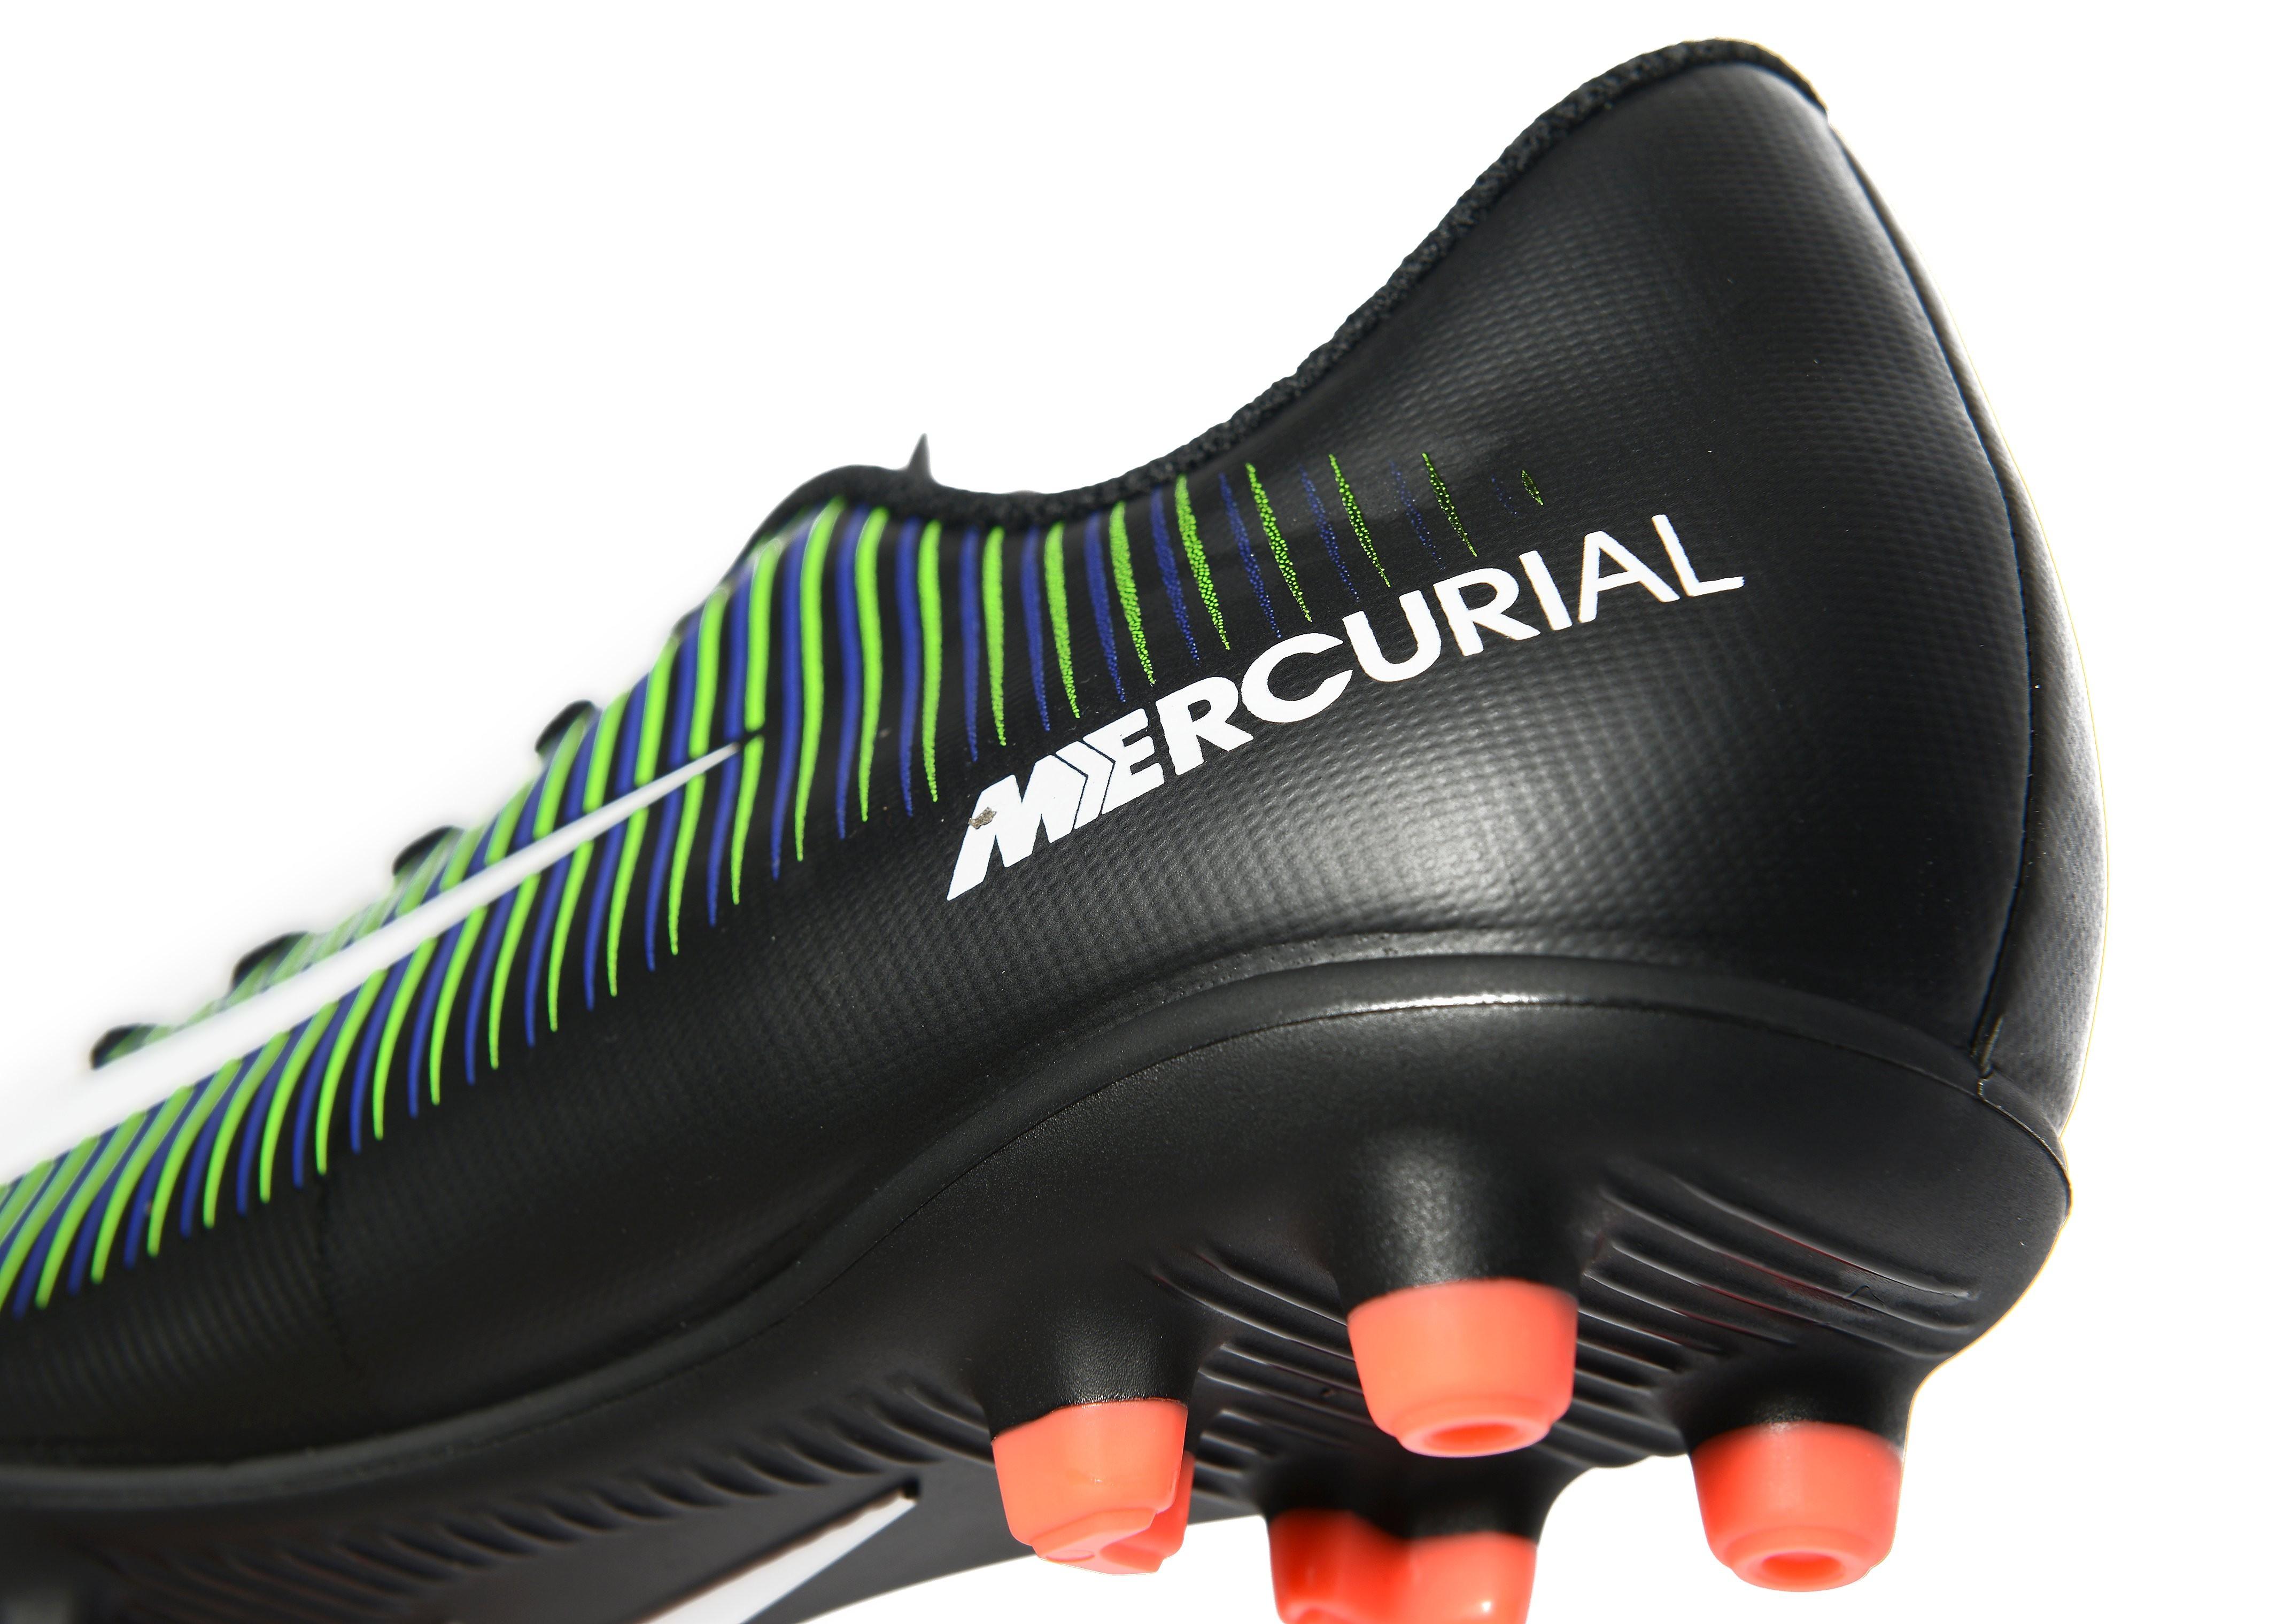 Nike Dark Lightning MercurialX Vortex III FG Children